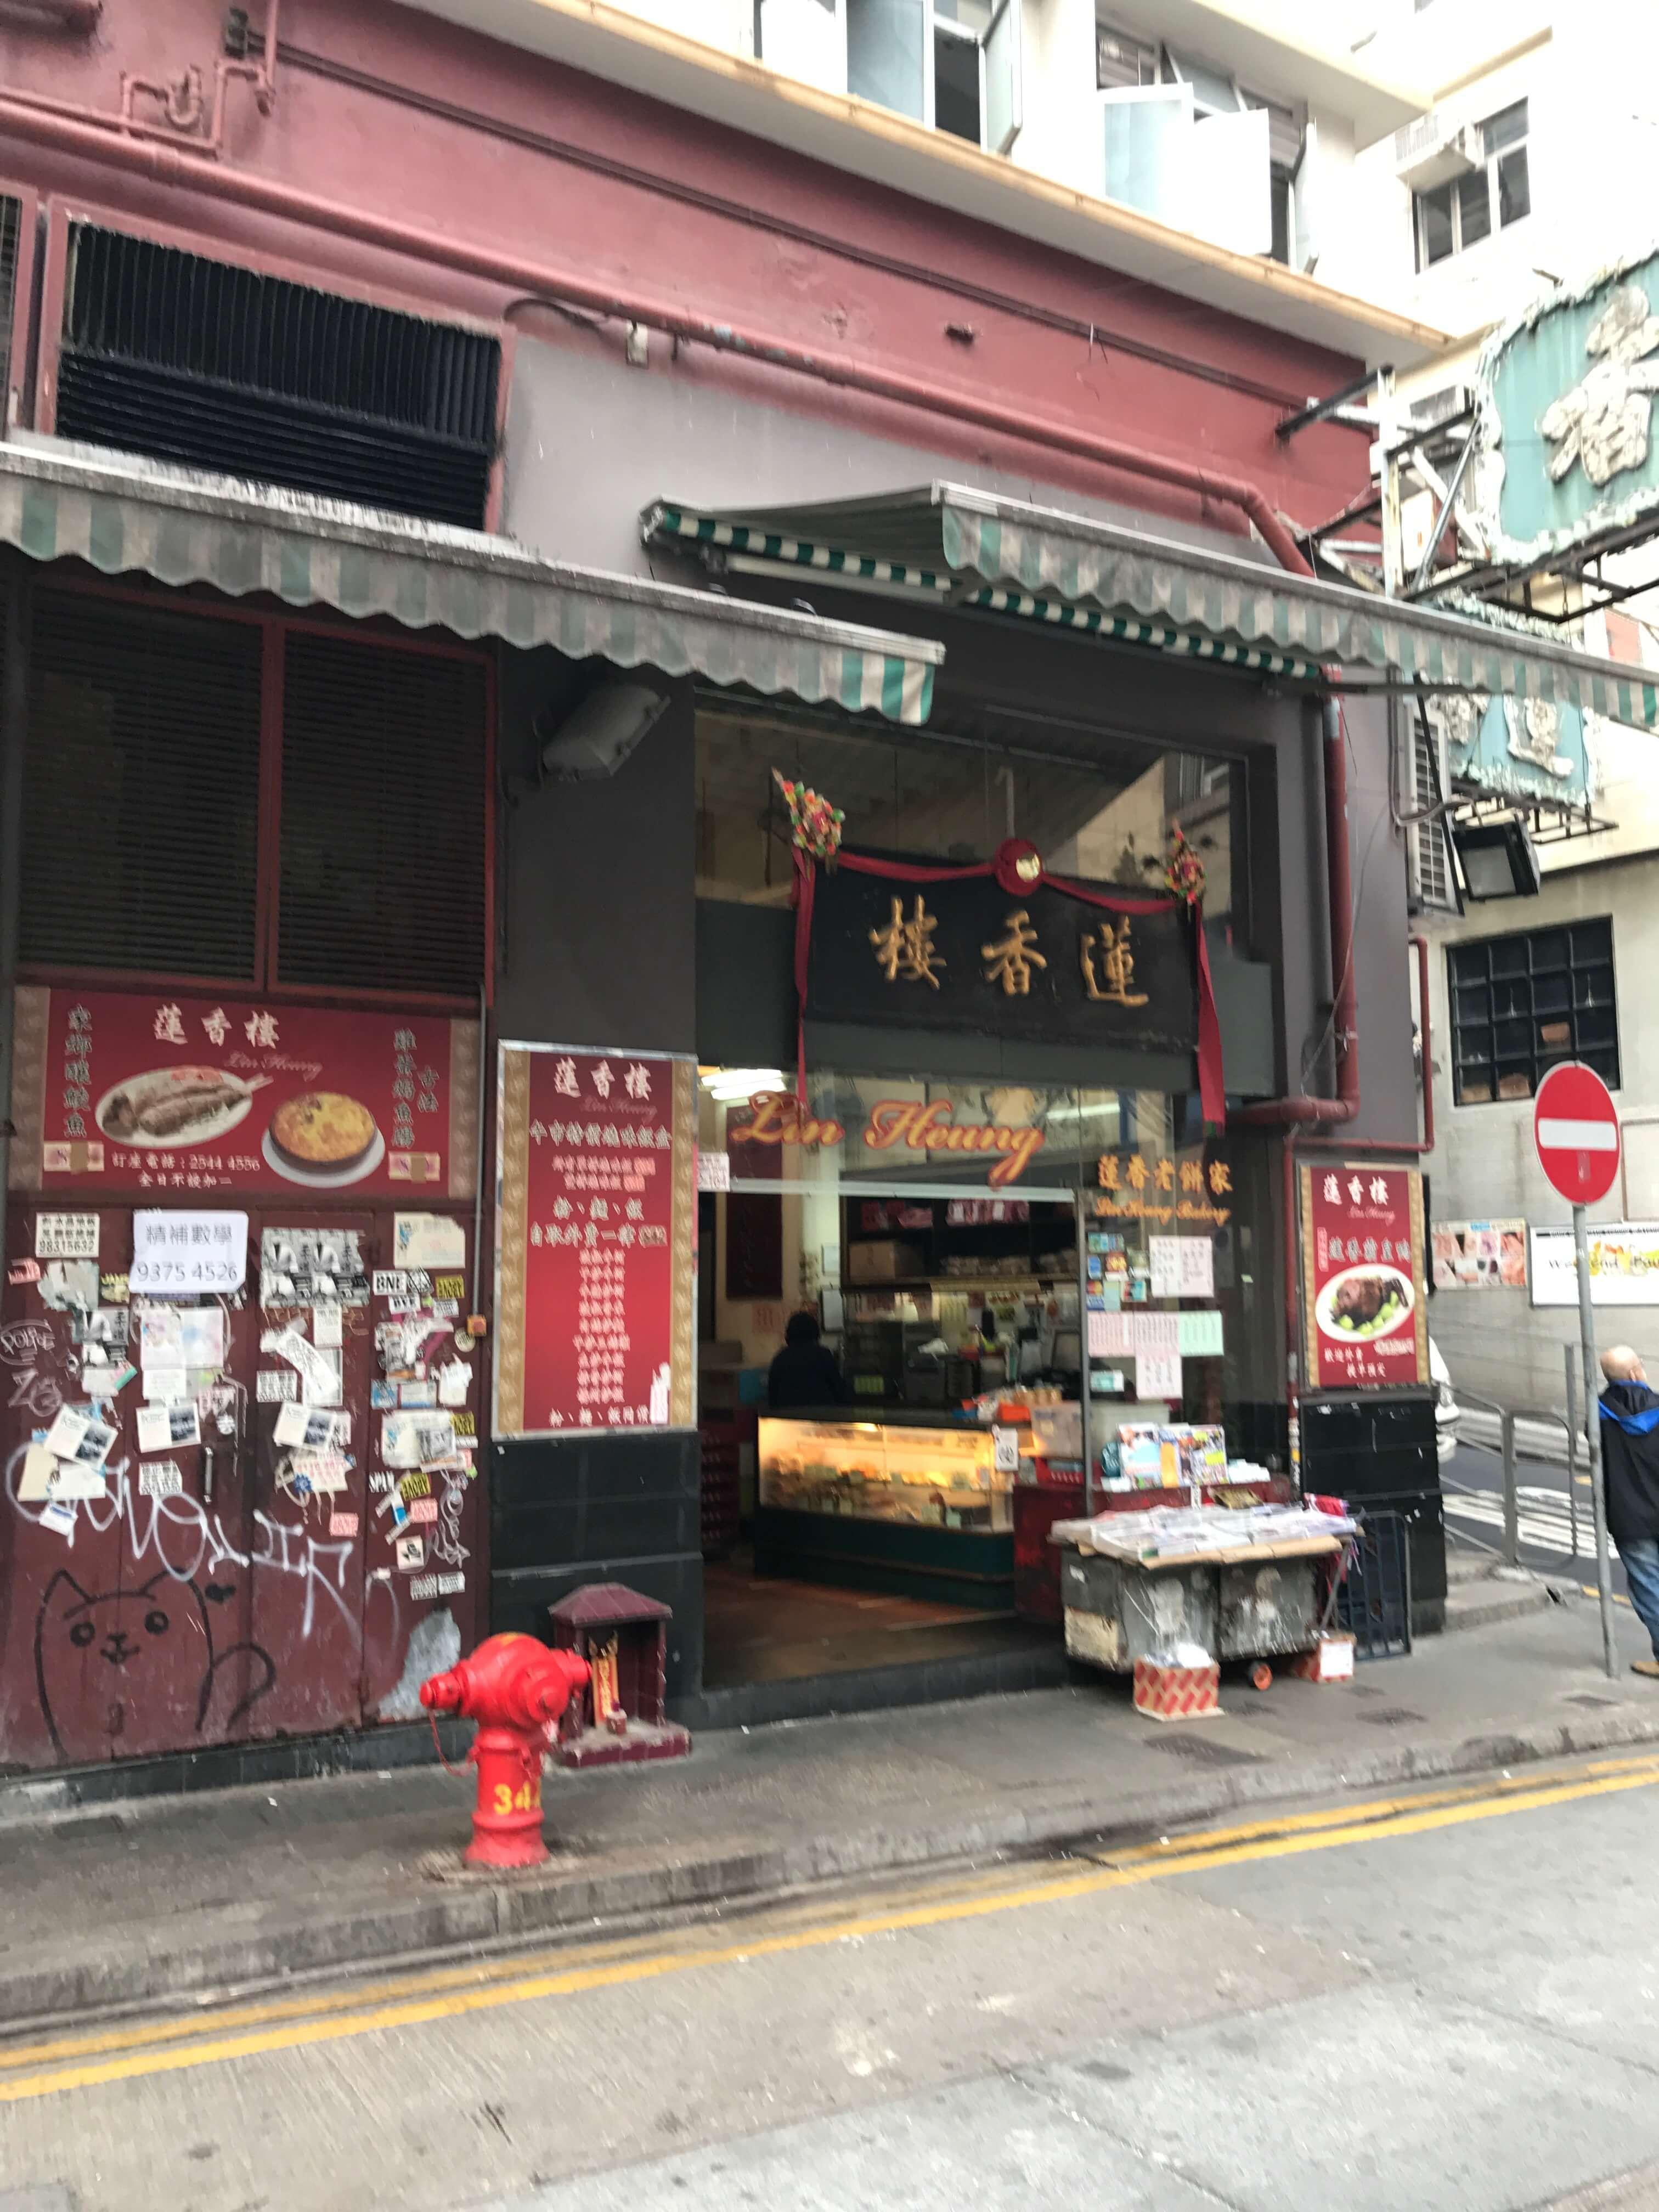 初上陸!香港はアートあふれる美味しい街(1)_1_8-1